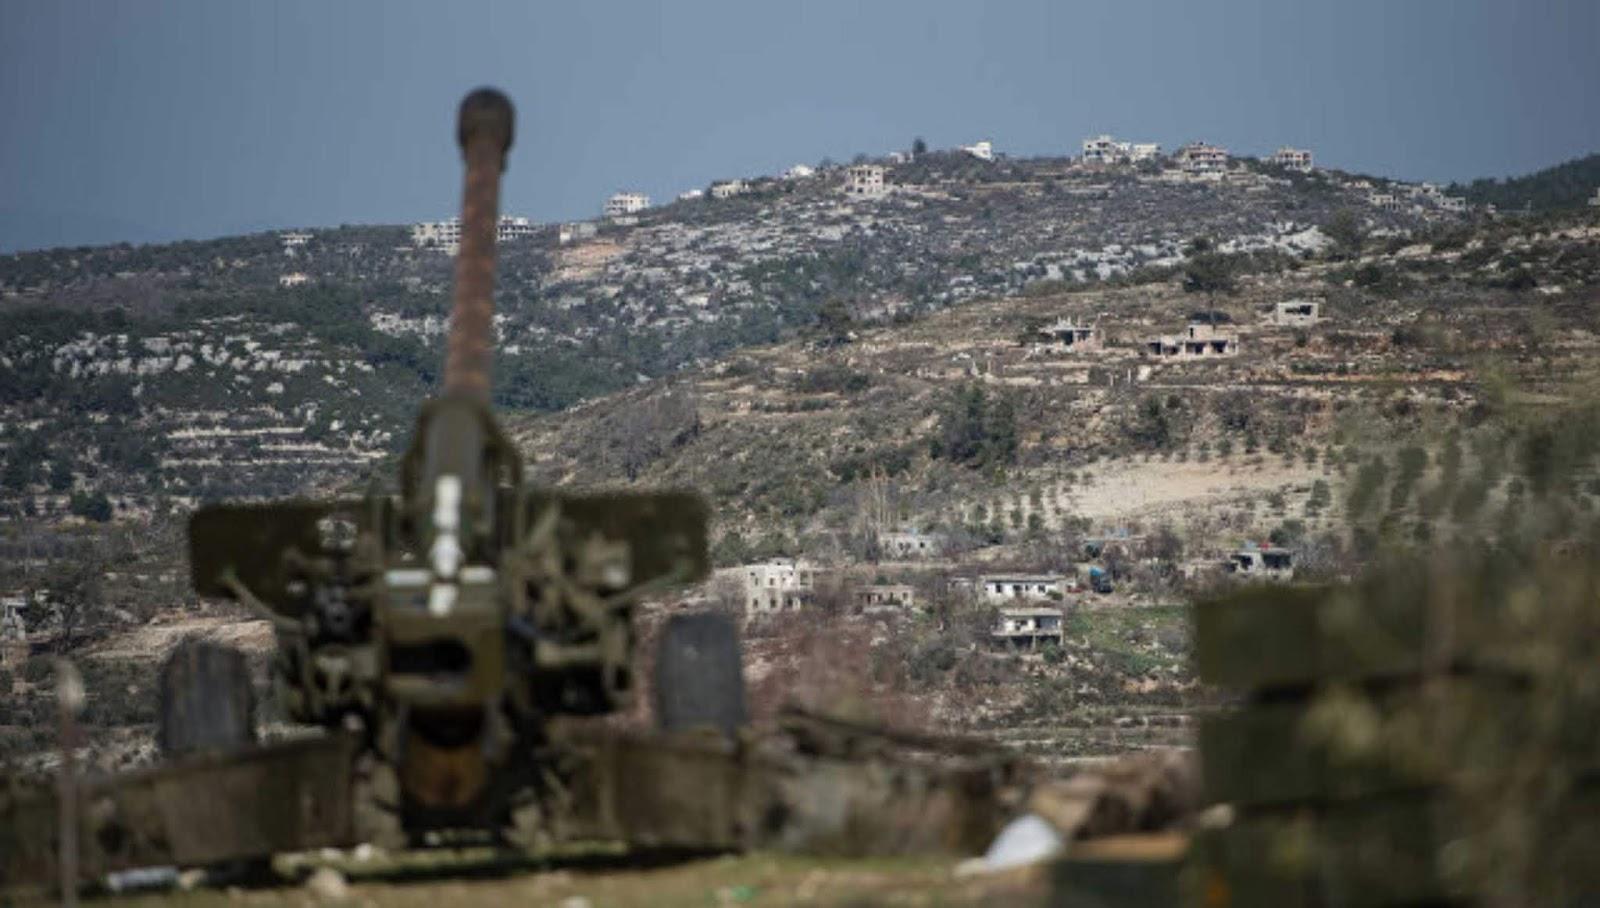 Mempertahankan kehadiran AS di Suriah akan meningkatkan ketegangan